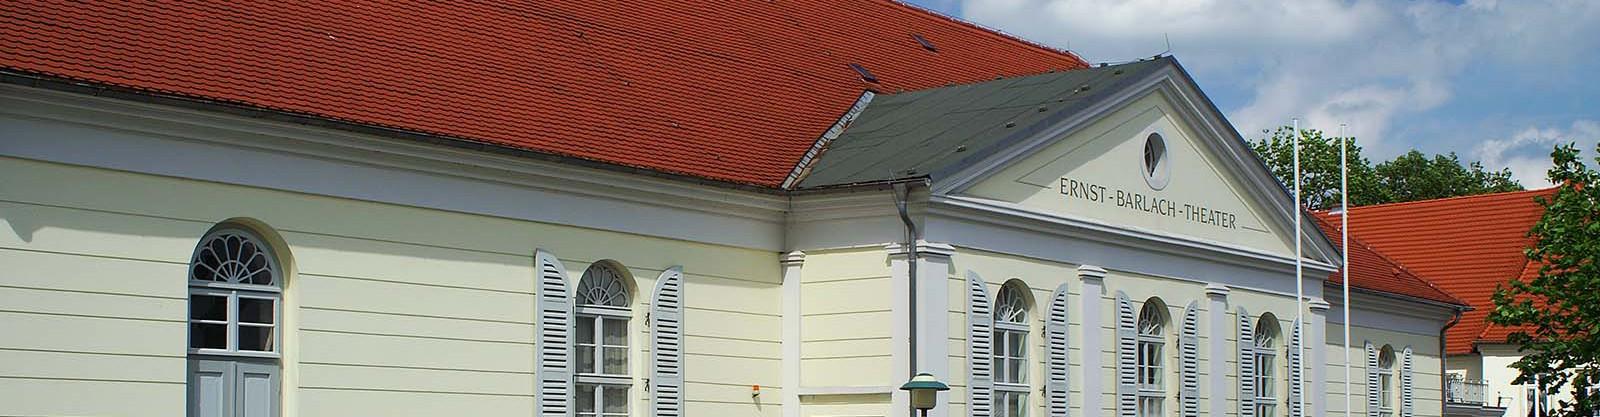 Verein der Freunde und Förderer des Ernst-Barlach-Theaters e.V.